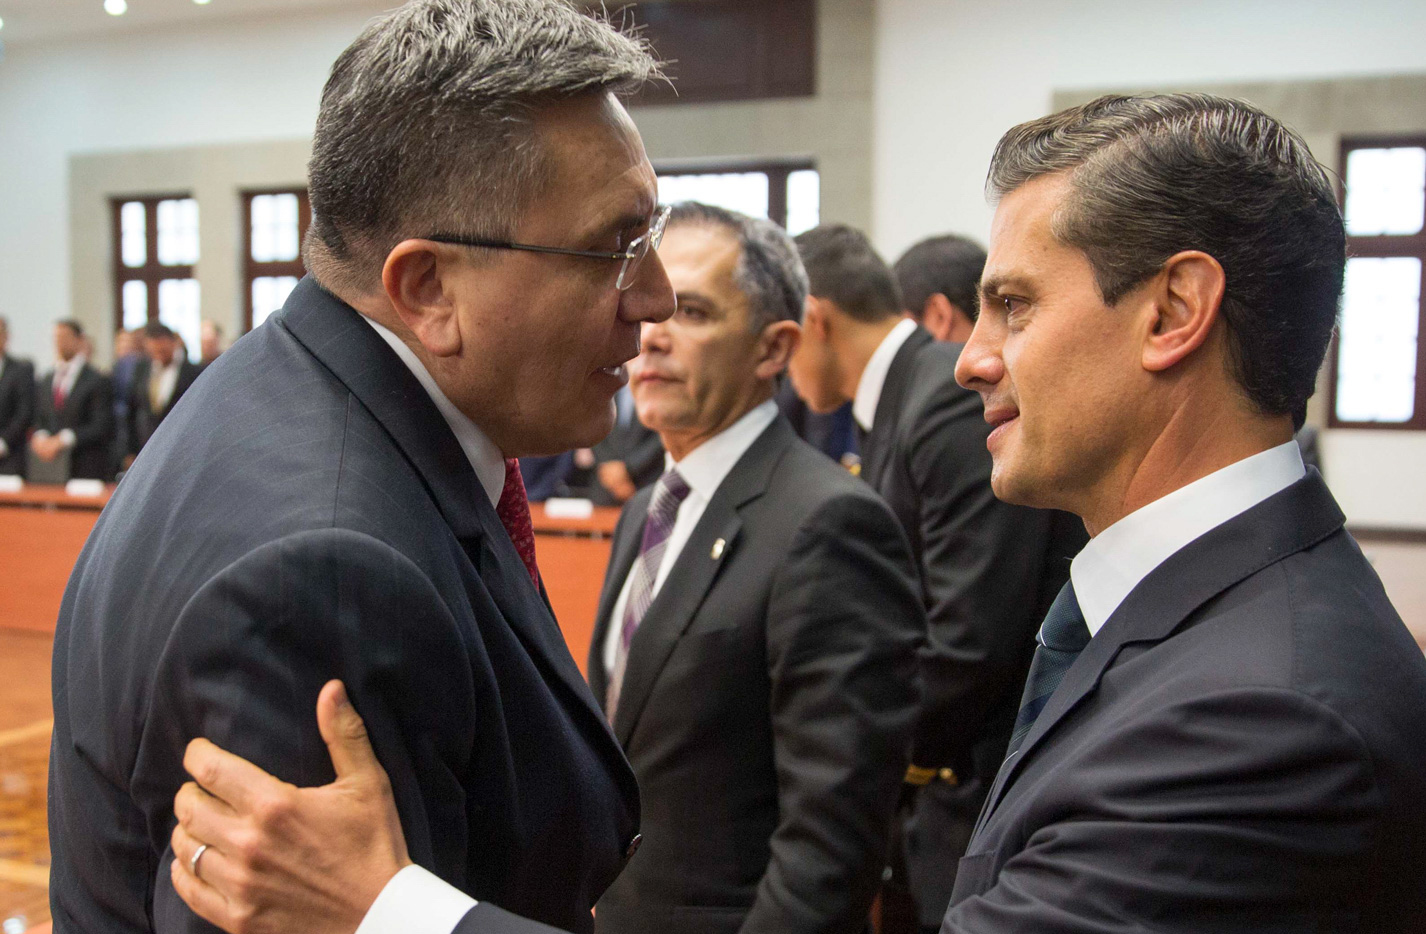 El Presidente Enrique Peña Nieto y el titular de la Comisión Nacional de Derechos Humanos, Luis Raúl González Pérez.  FOTO: CUARTOSCURO